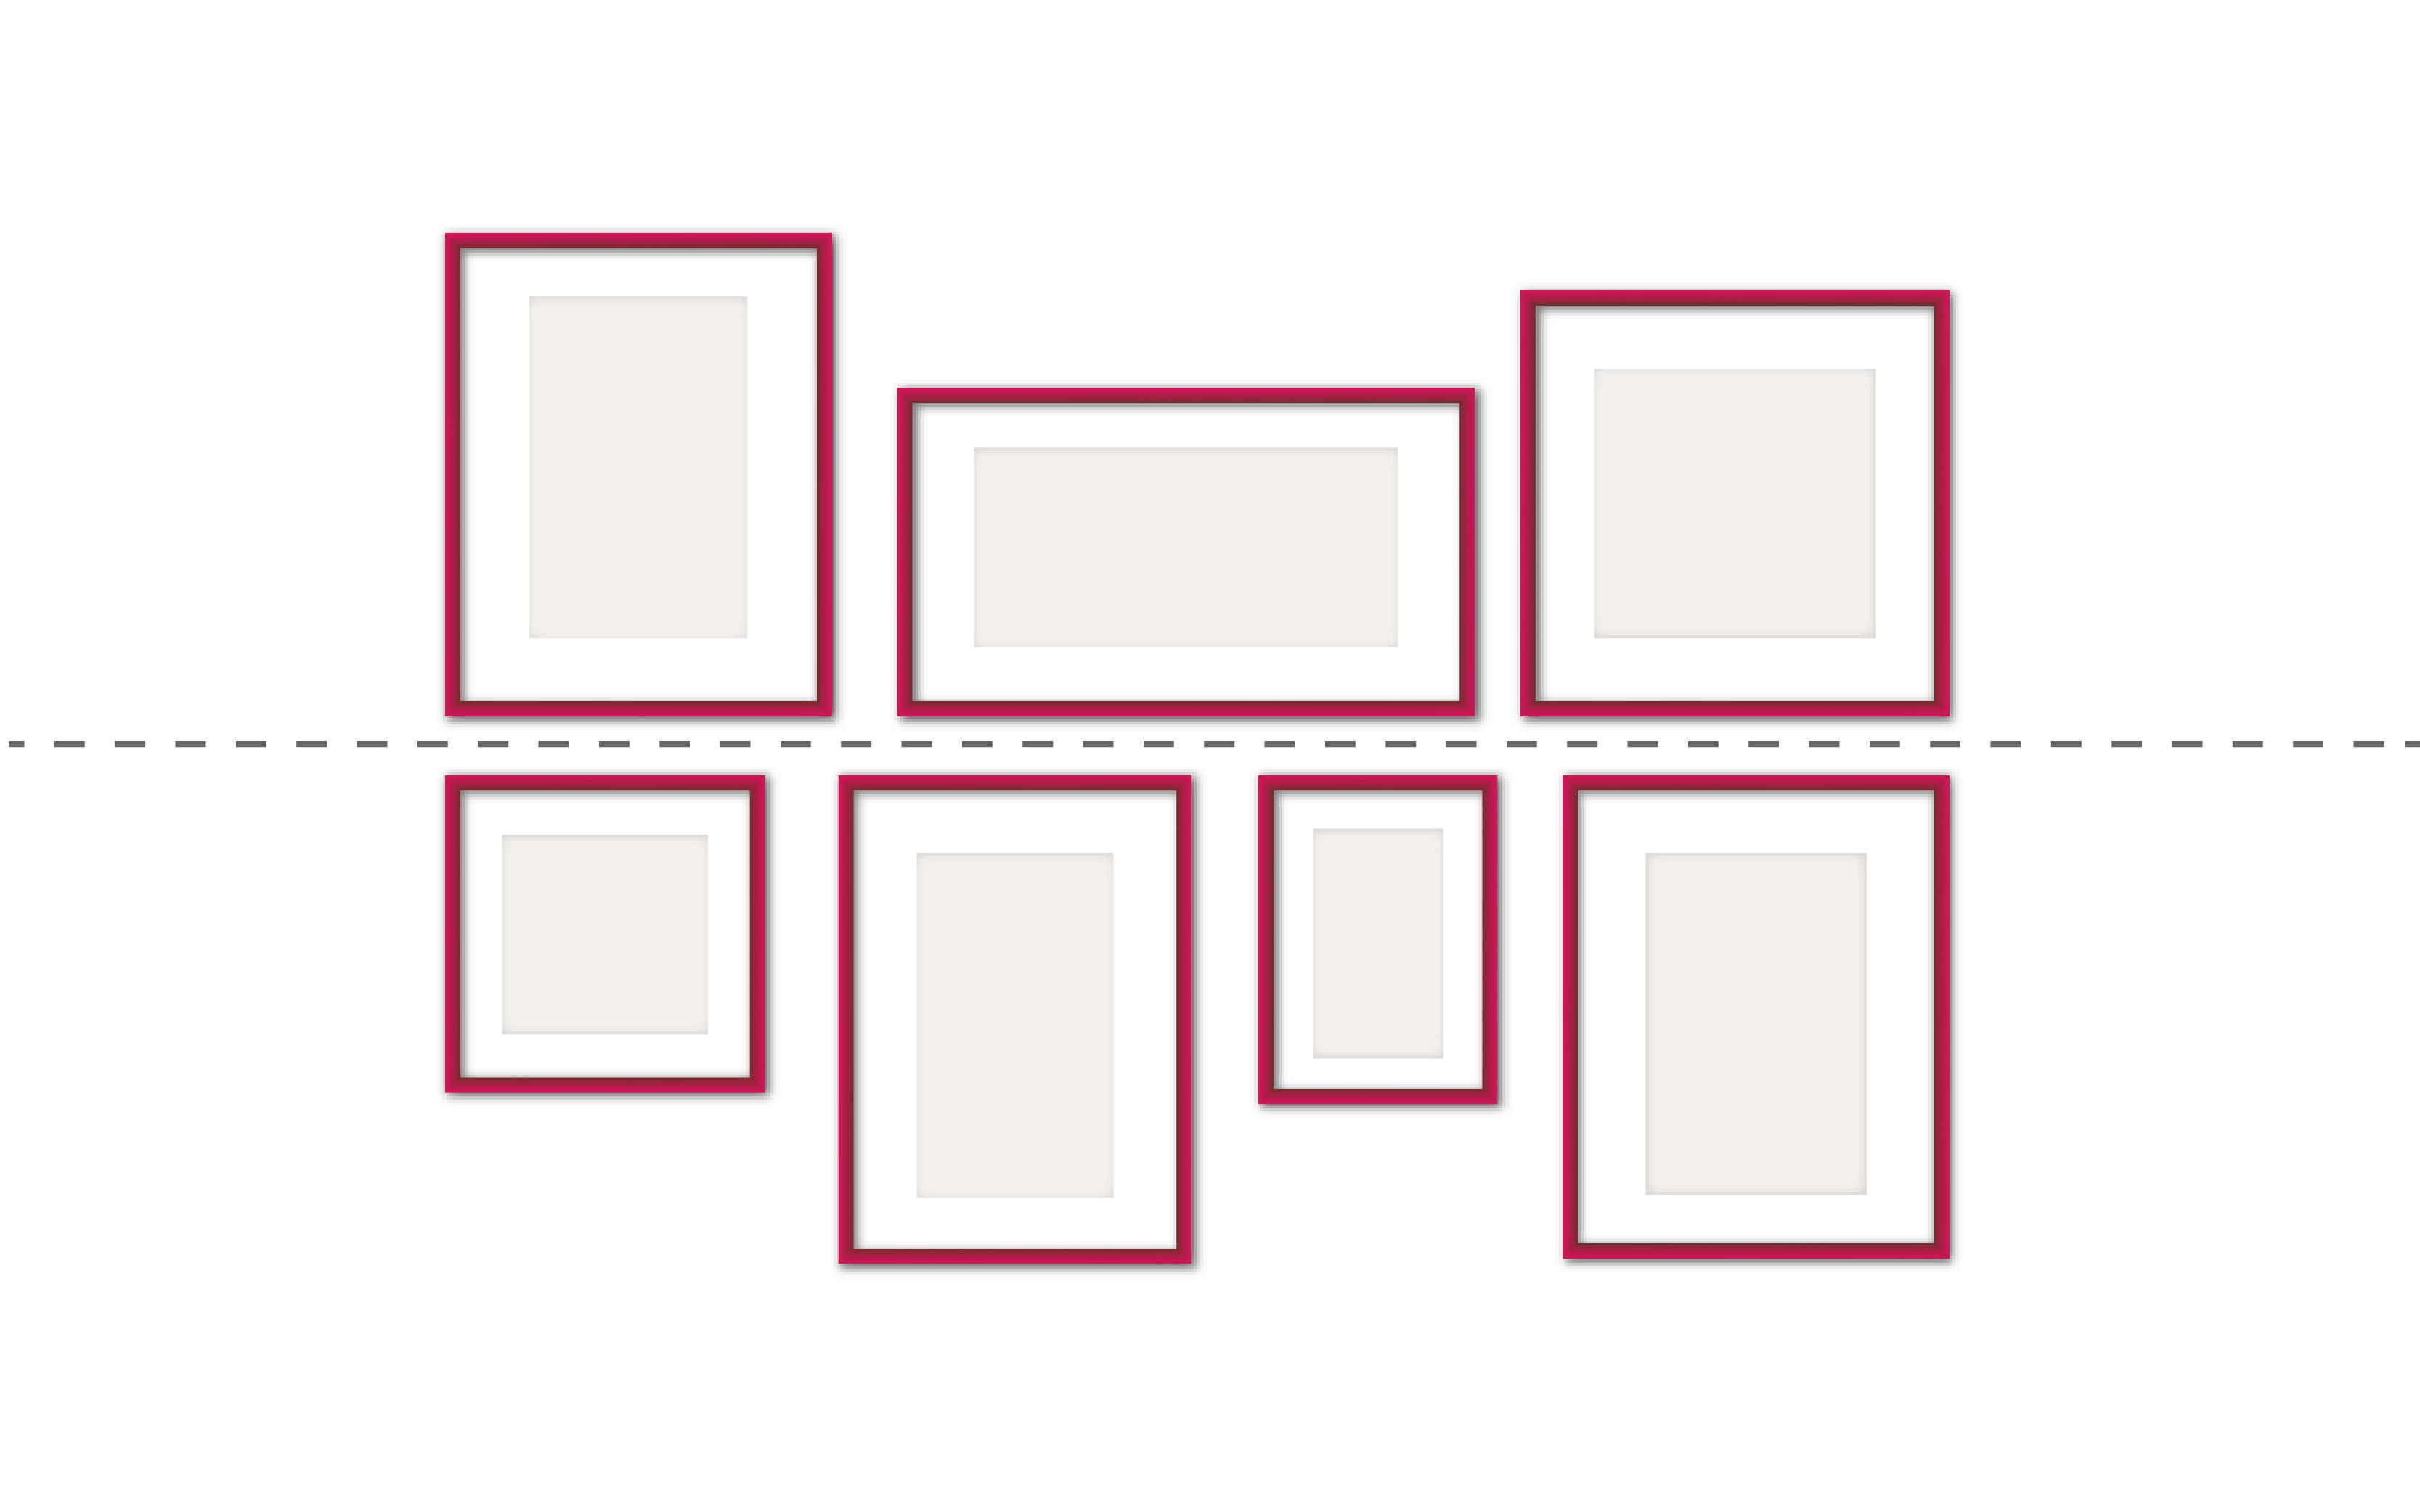 bepflanzte bilderrahmen diese hacks brauchst du f r deine. Black Bedroom Furniture Sets. Home Design Ideas